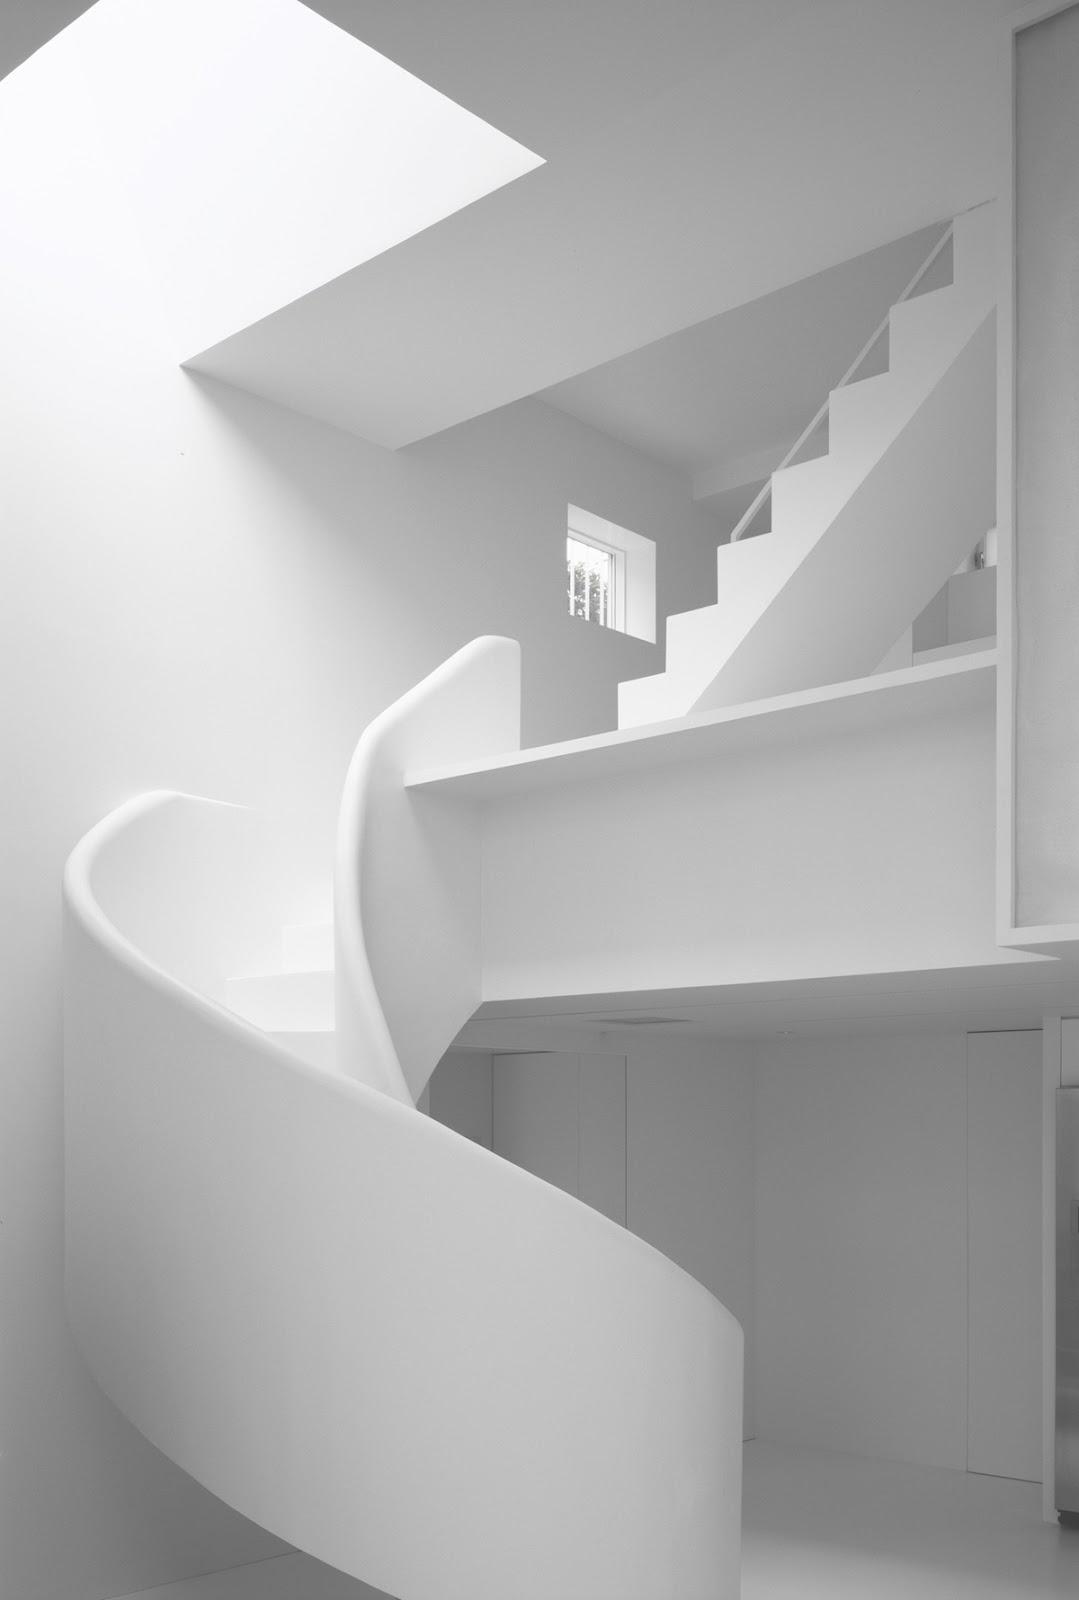 Juego de lineas y curvas en esta casa blanca y minimalista en Tokyo